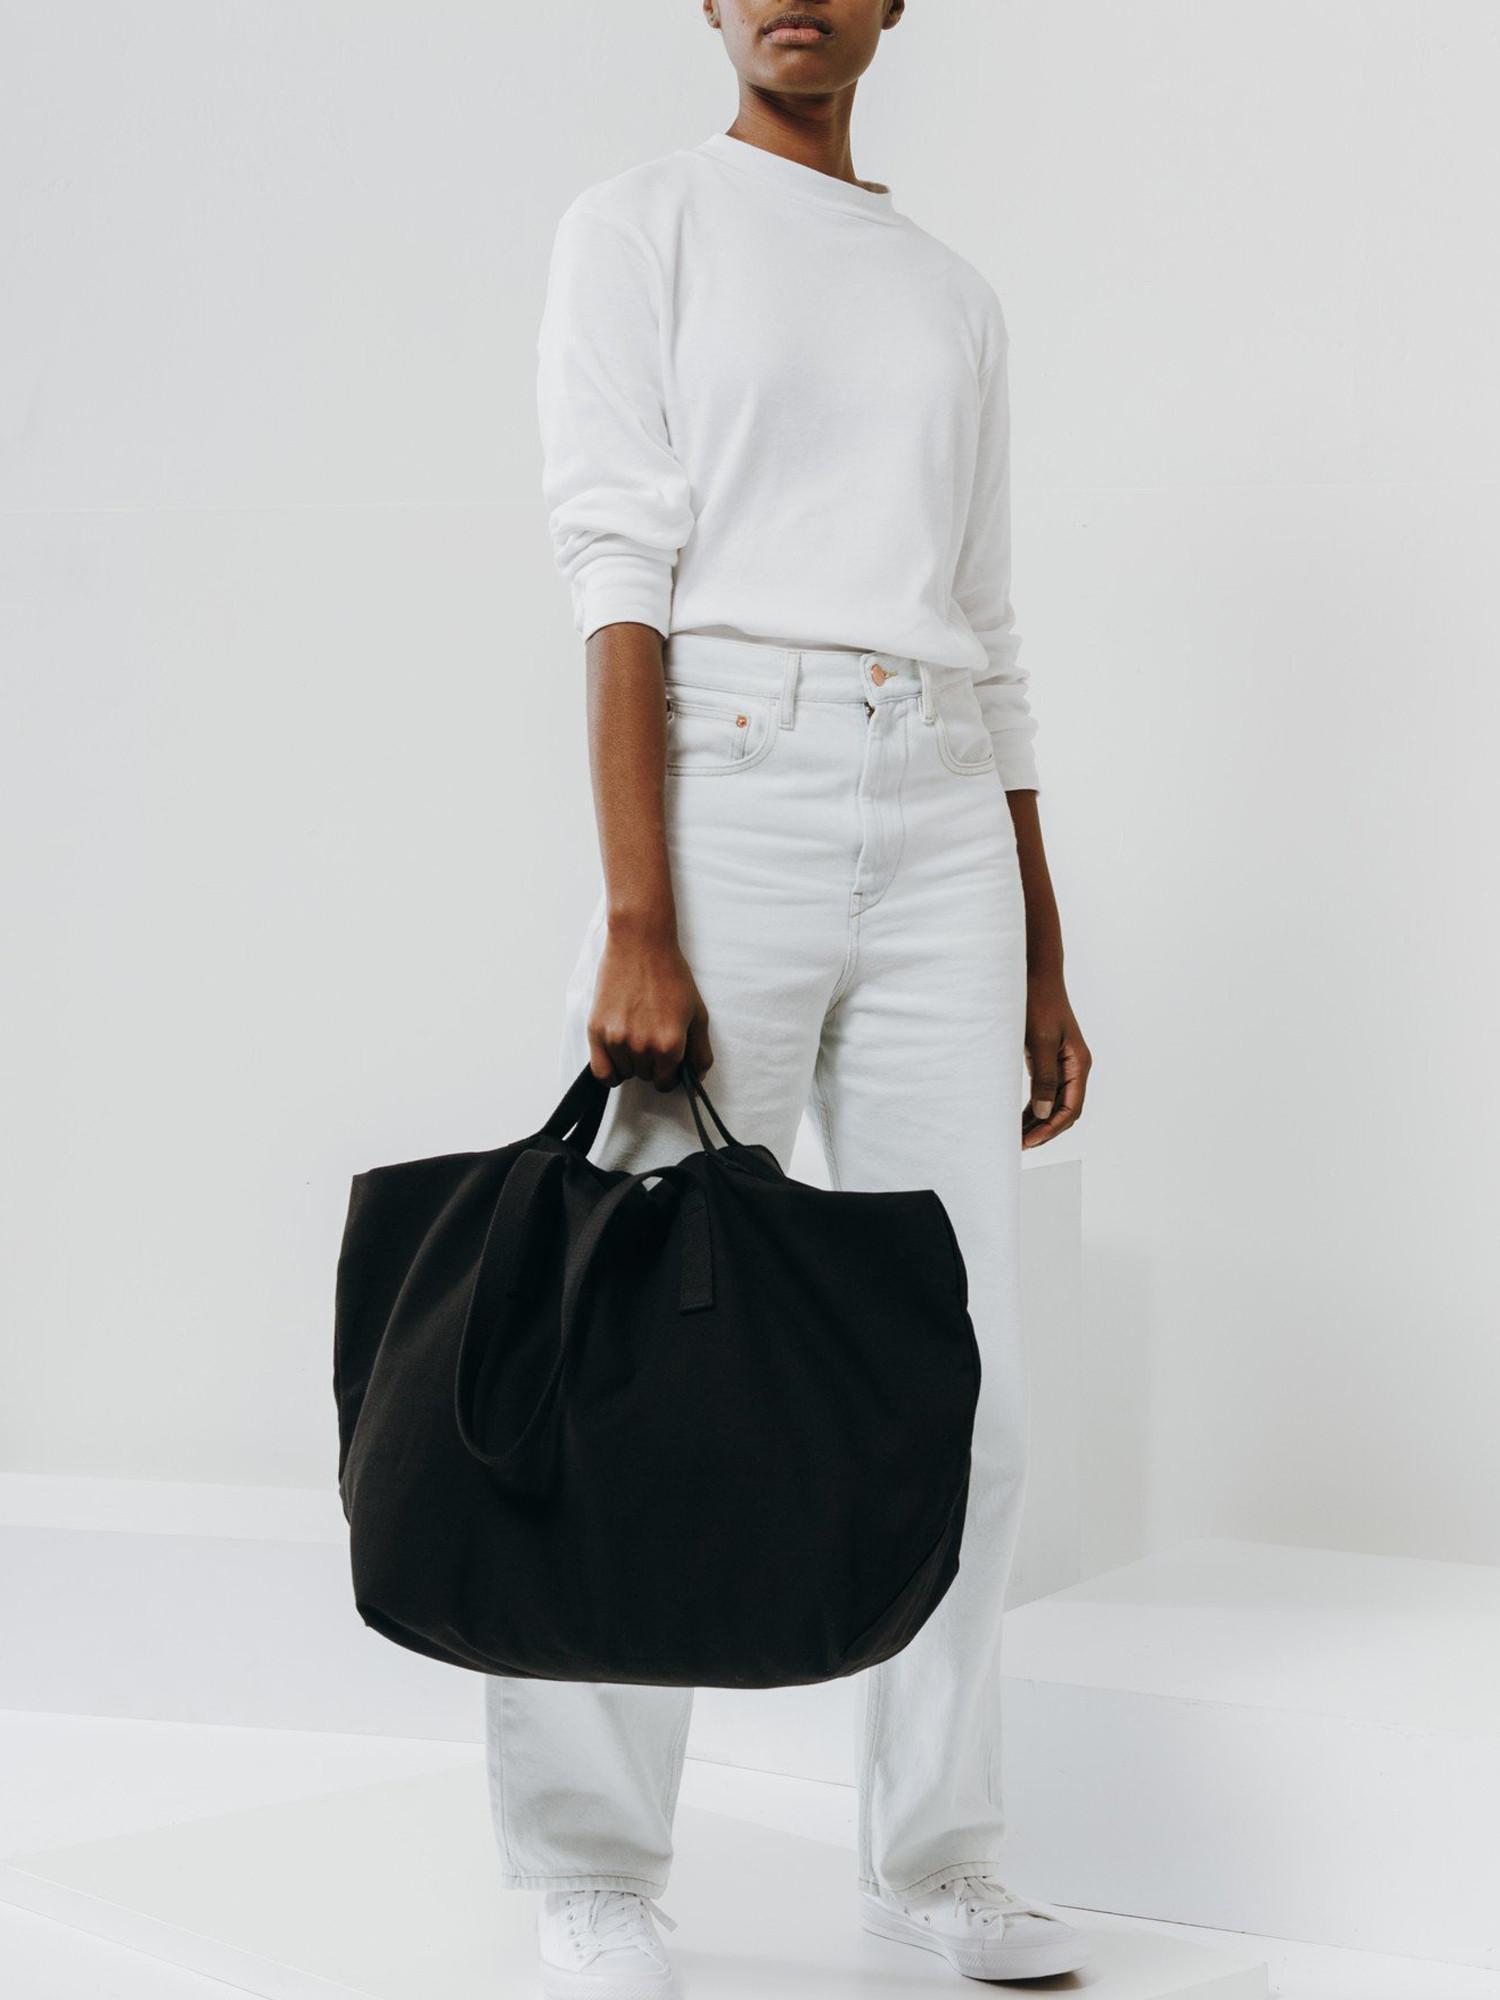 Baggu Black Weekend Bag